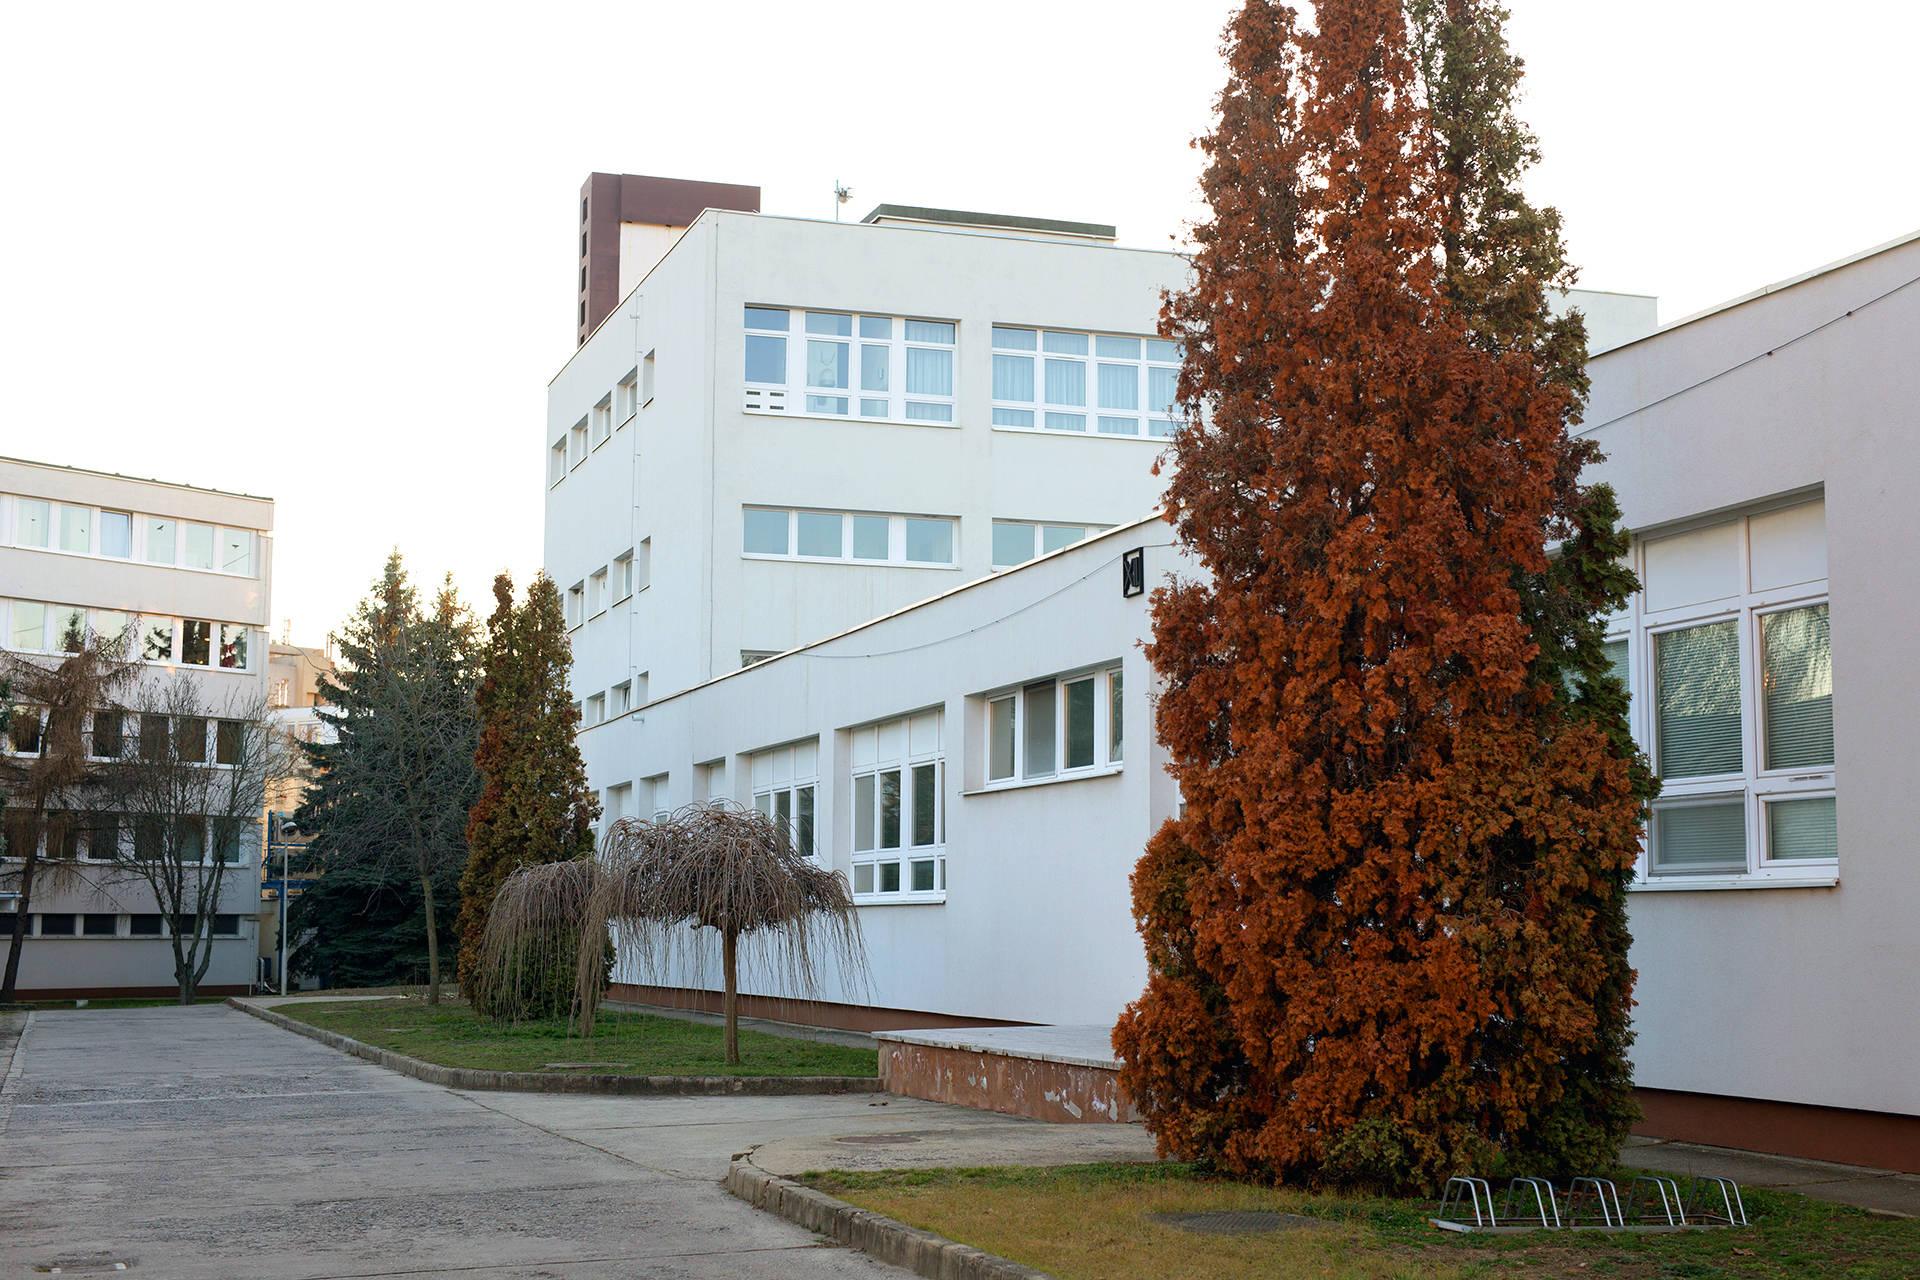 Das Atomki-Forschungsinstitut in Debrecen, Ungarn, gibt es seit 1954. Etwa 100 Forscher arbeiten dort an Fragen aus Atomphysik und Materialwissenschaft.